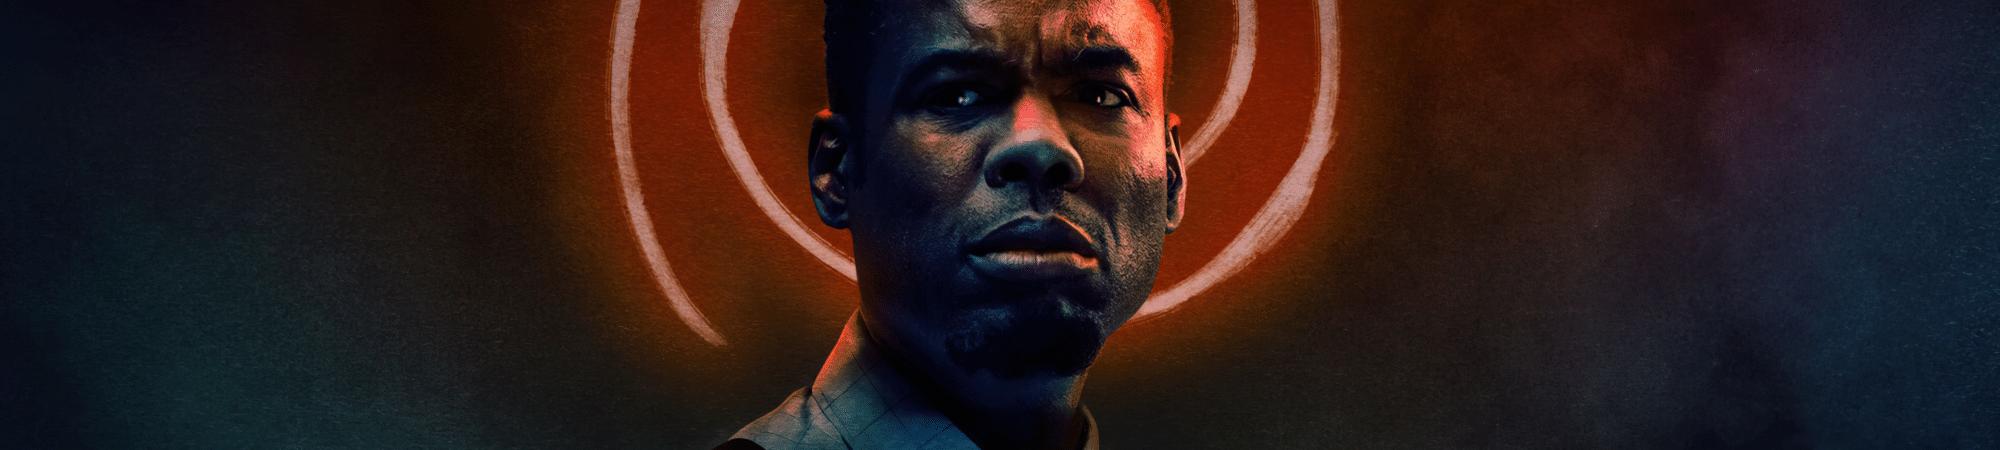 Chris Rock é o protagonista de 'Espiral - O Legado de Jogos Mortais'. Imagem: Lionsgate/Divulgação